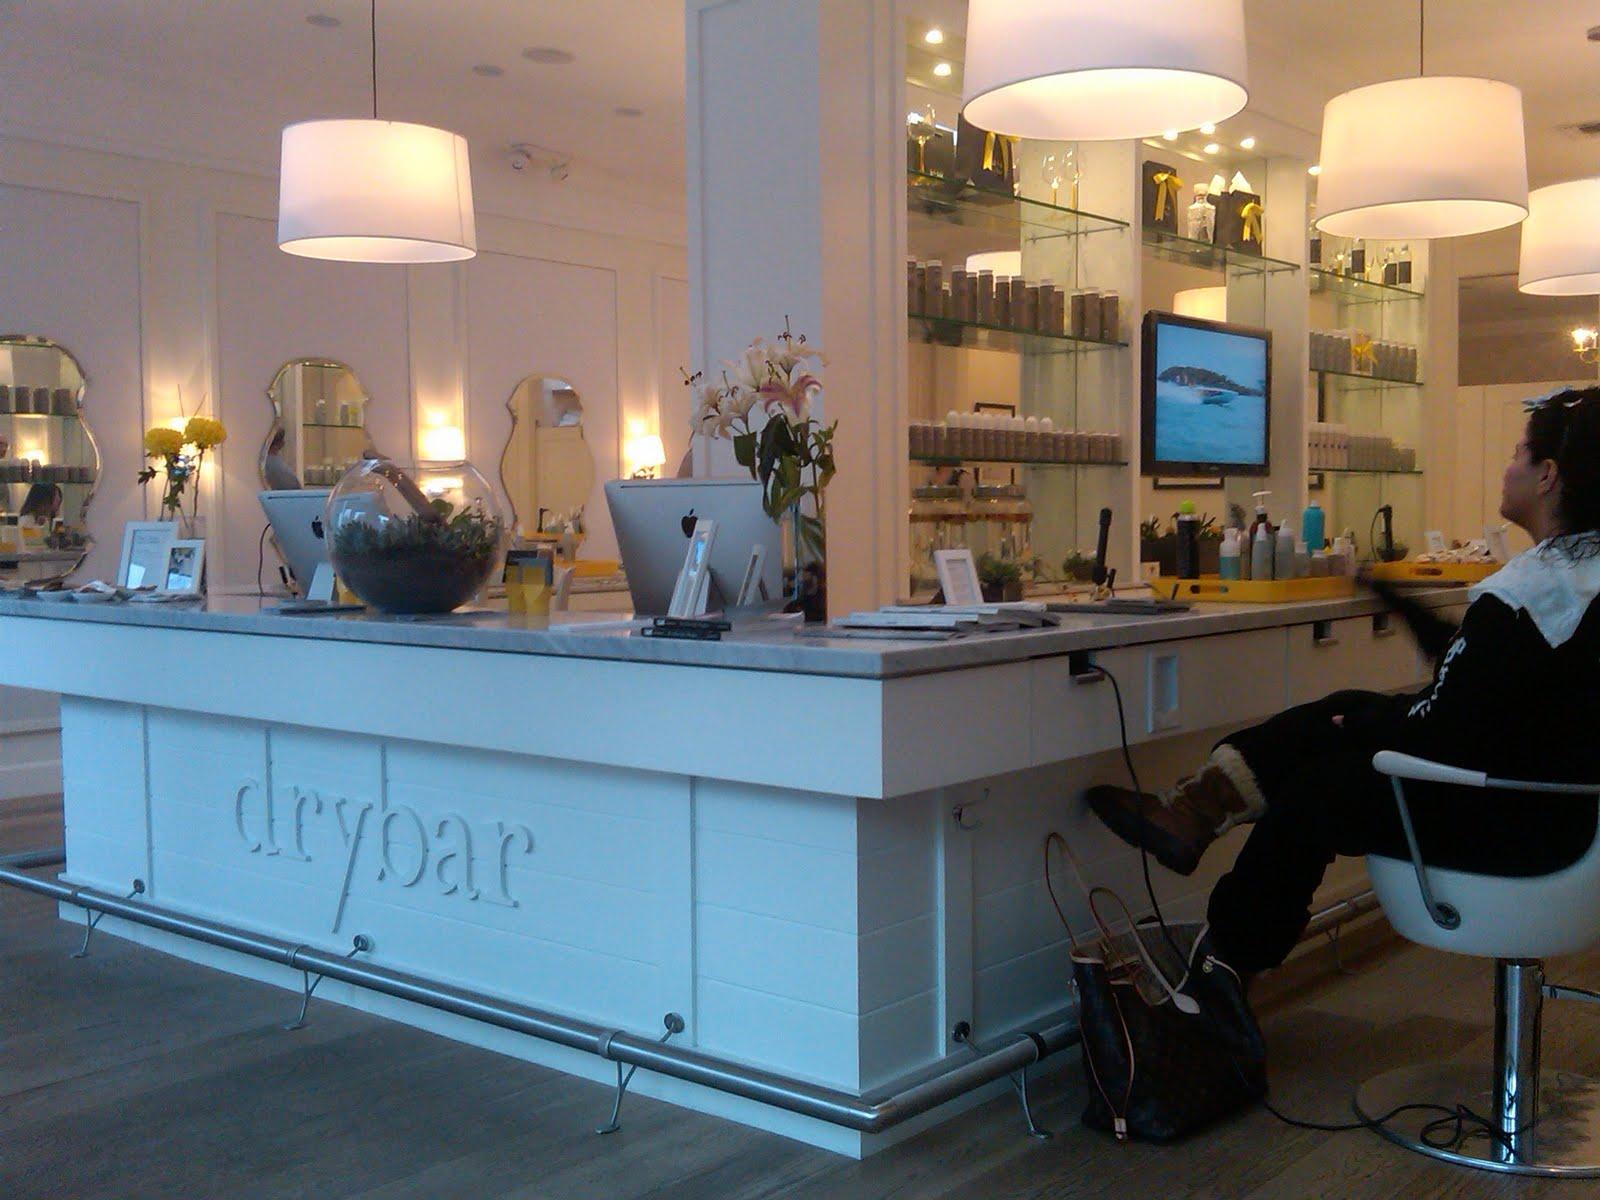 Salon And Spa Directory: Drybar